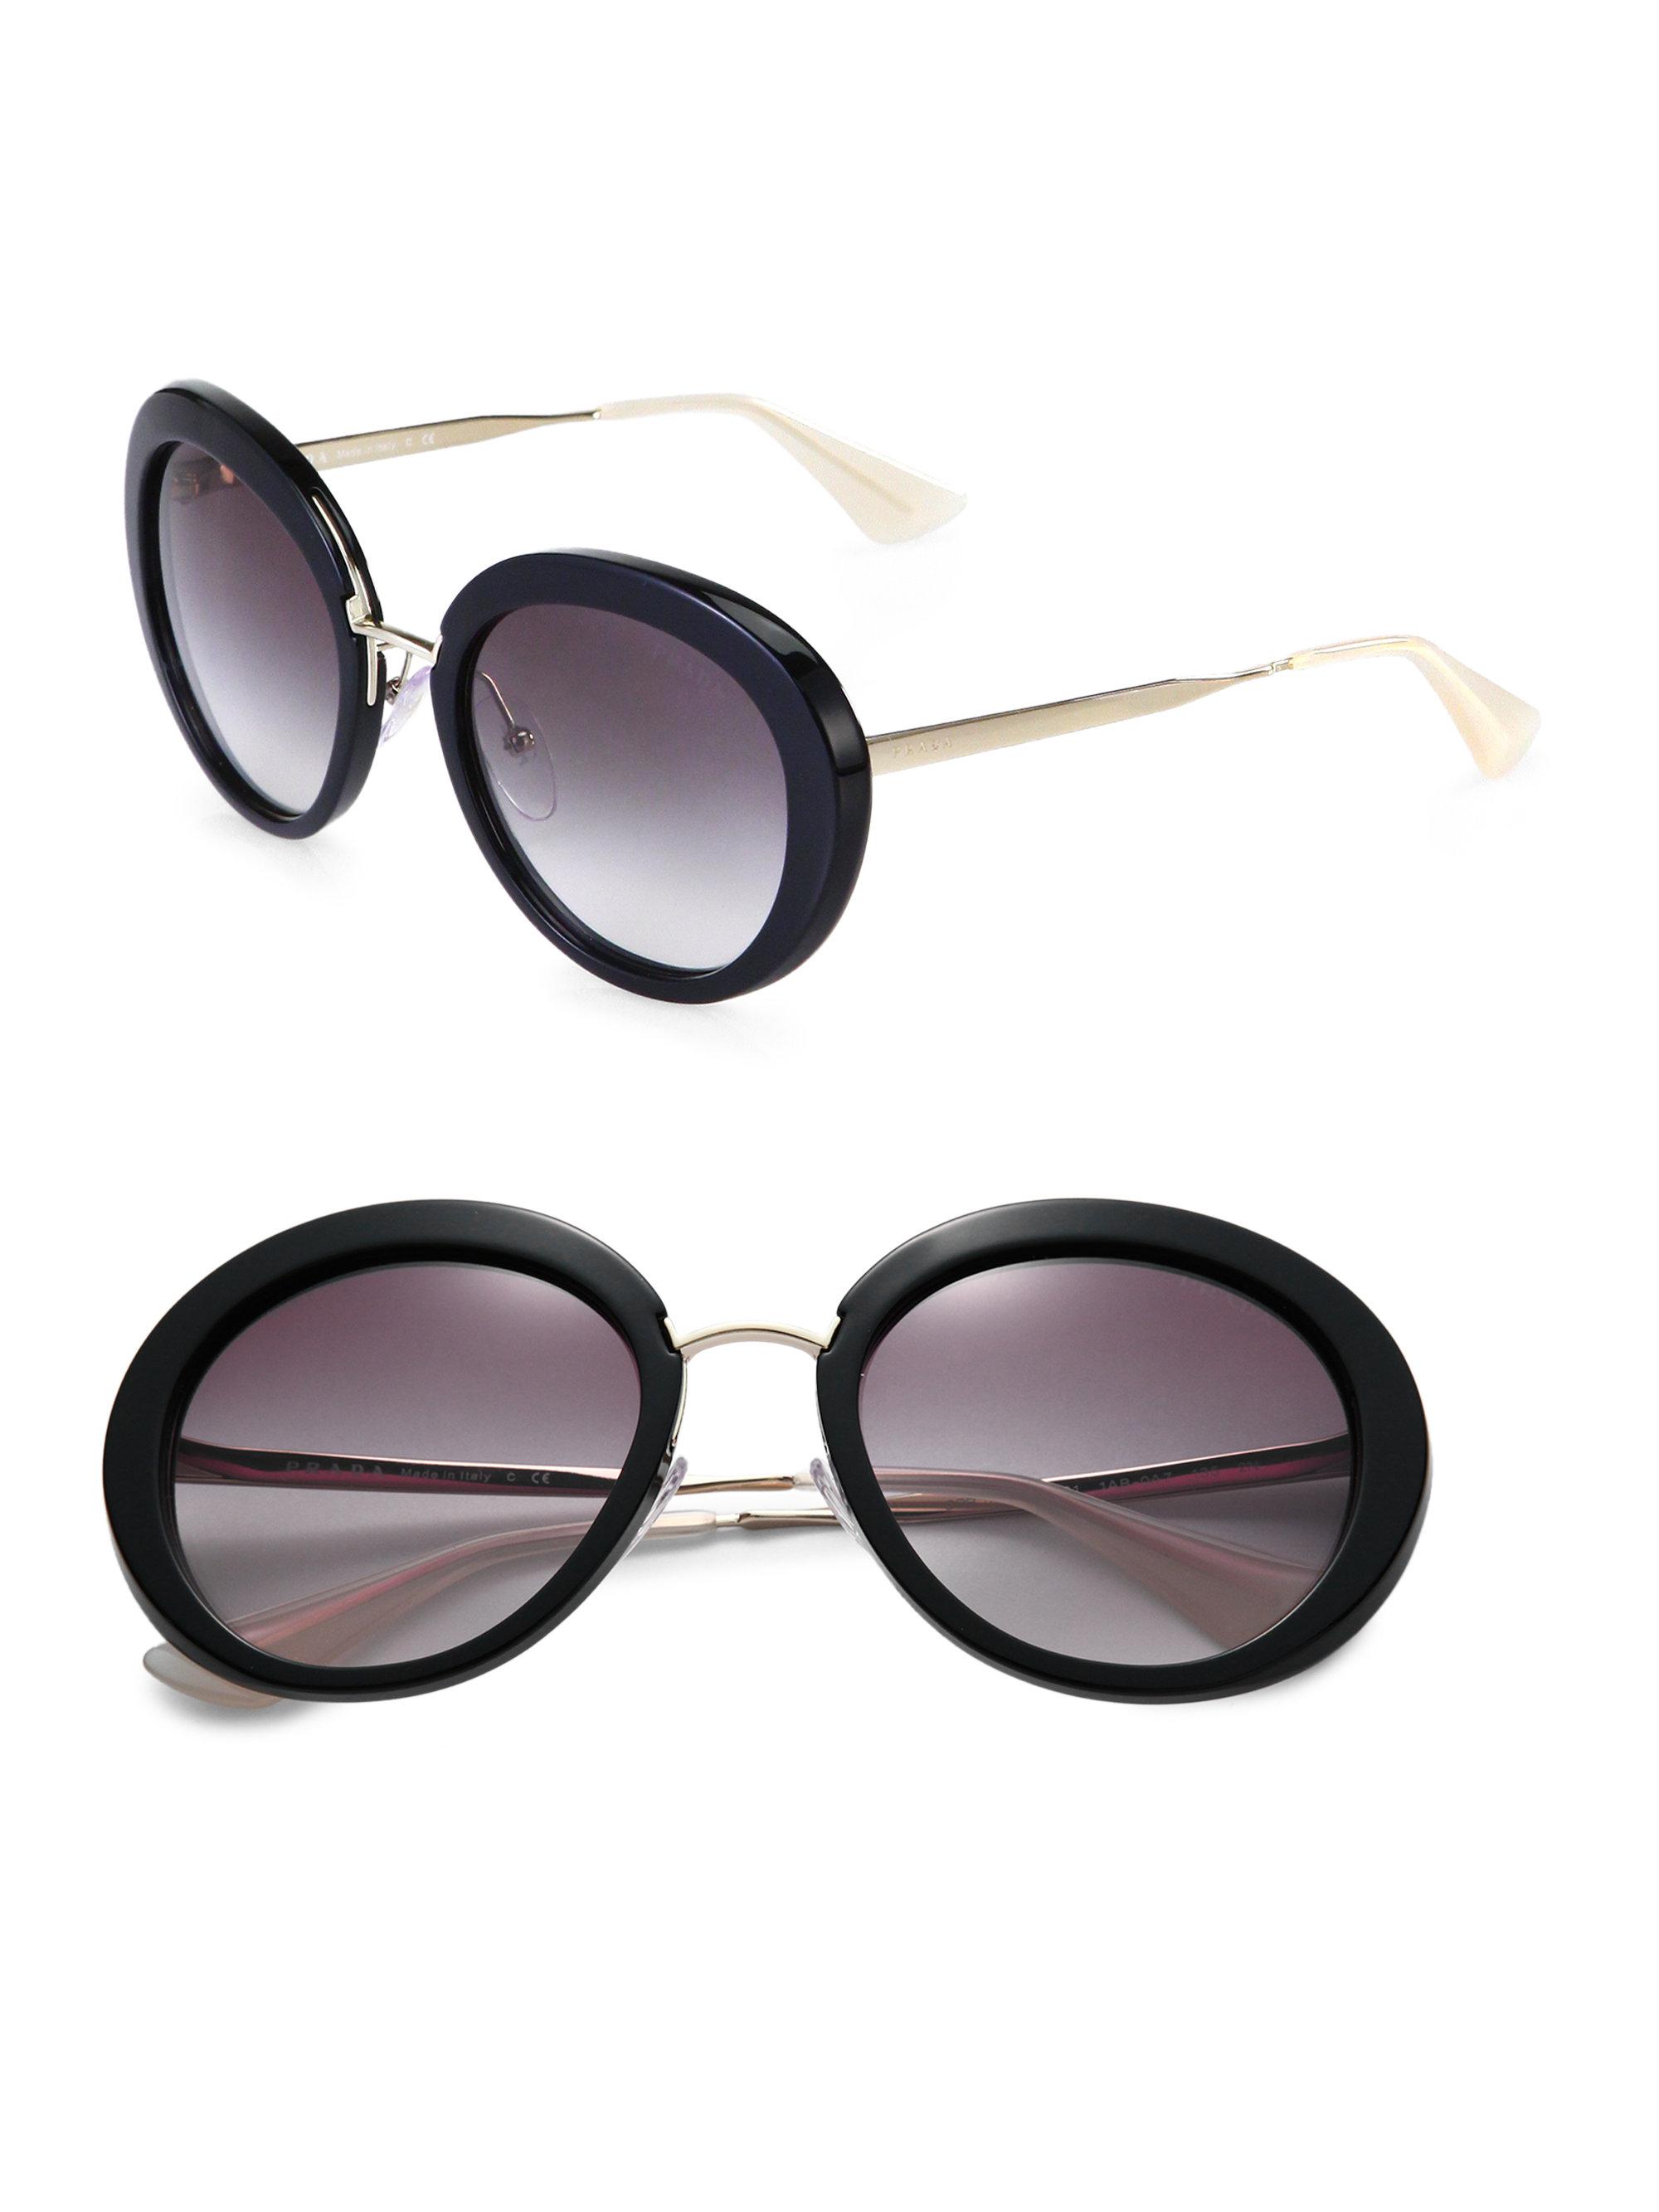 722cc100f8 ... australia lyst prada round plastic metal sunglasses in black f683f 9f761